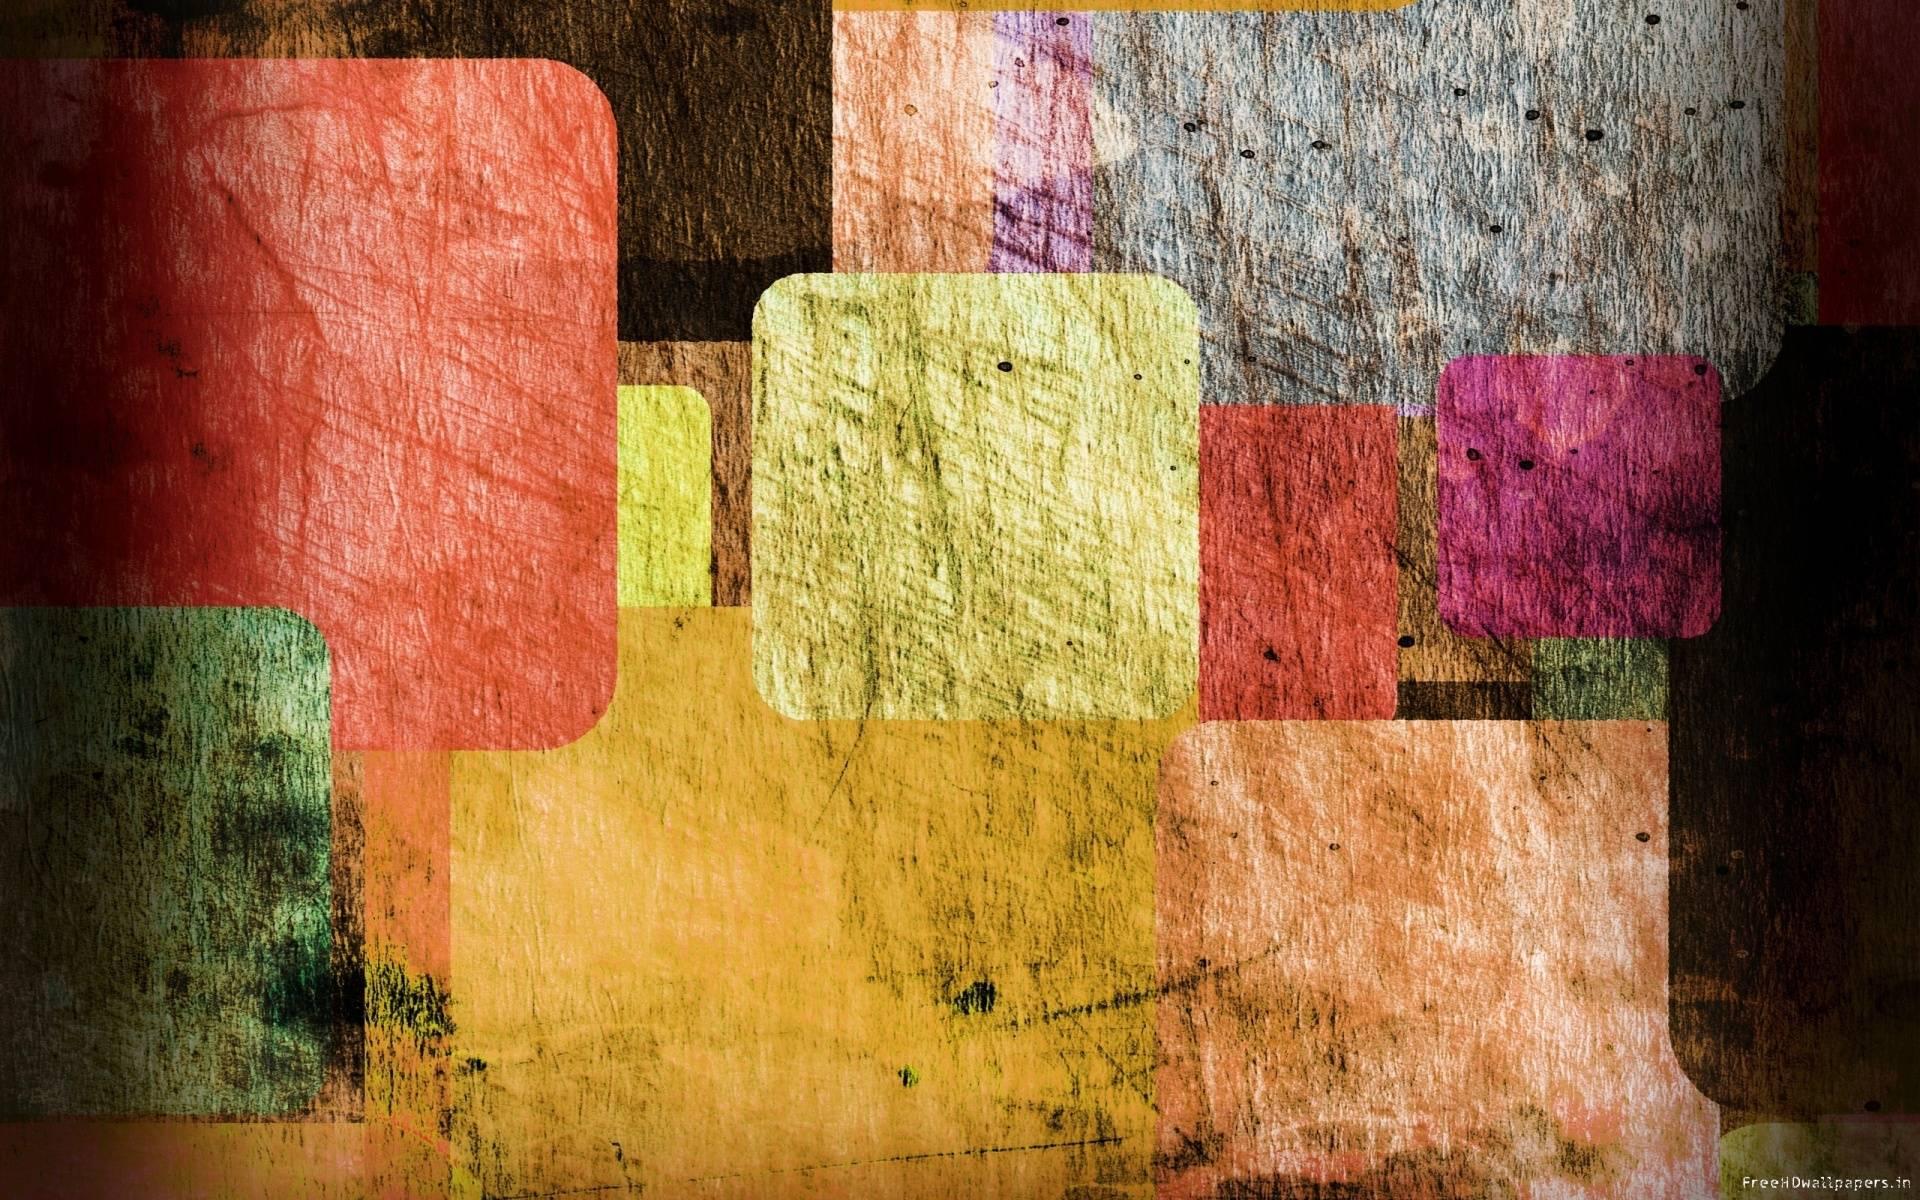 Vintage Desktop Backgrounds - Wallpaper Cave